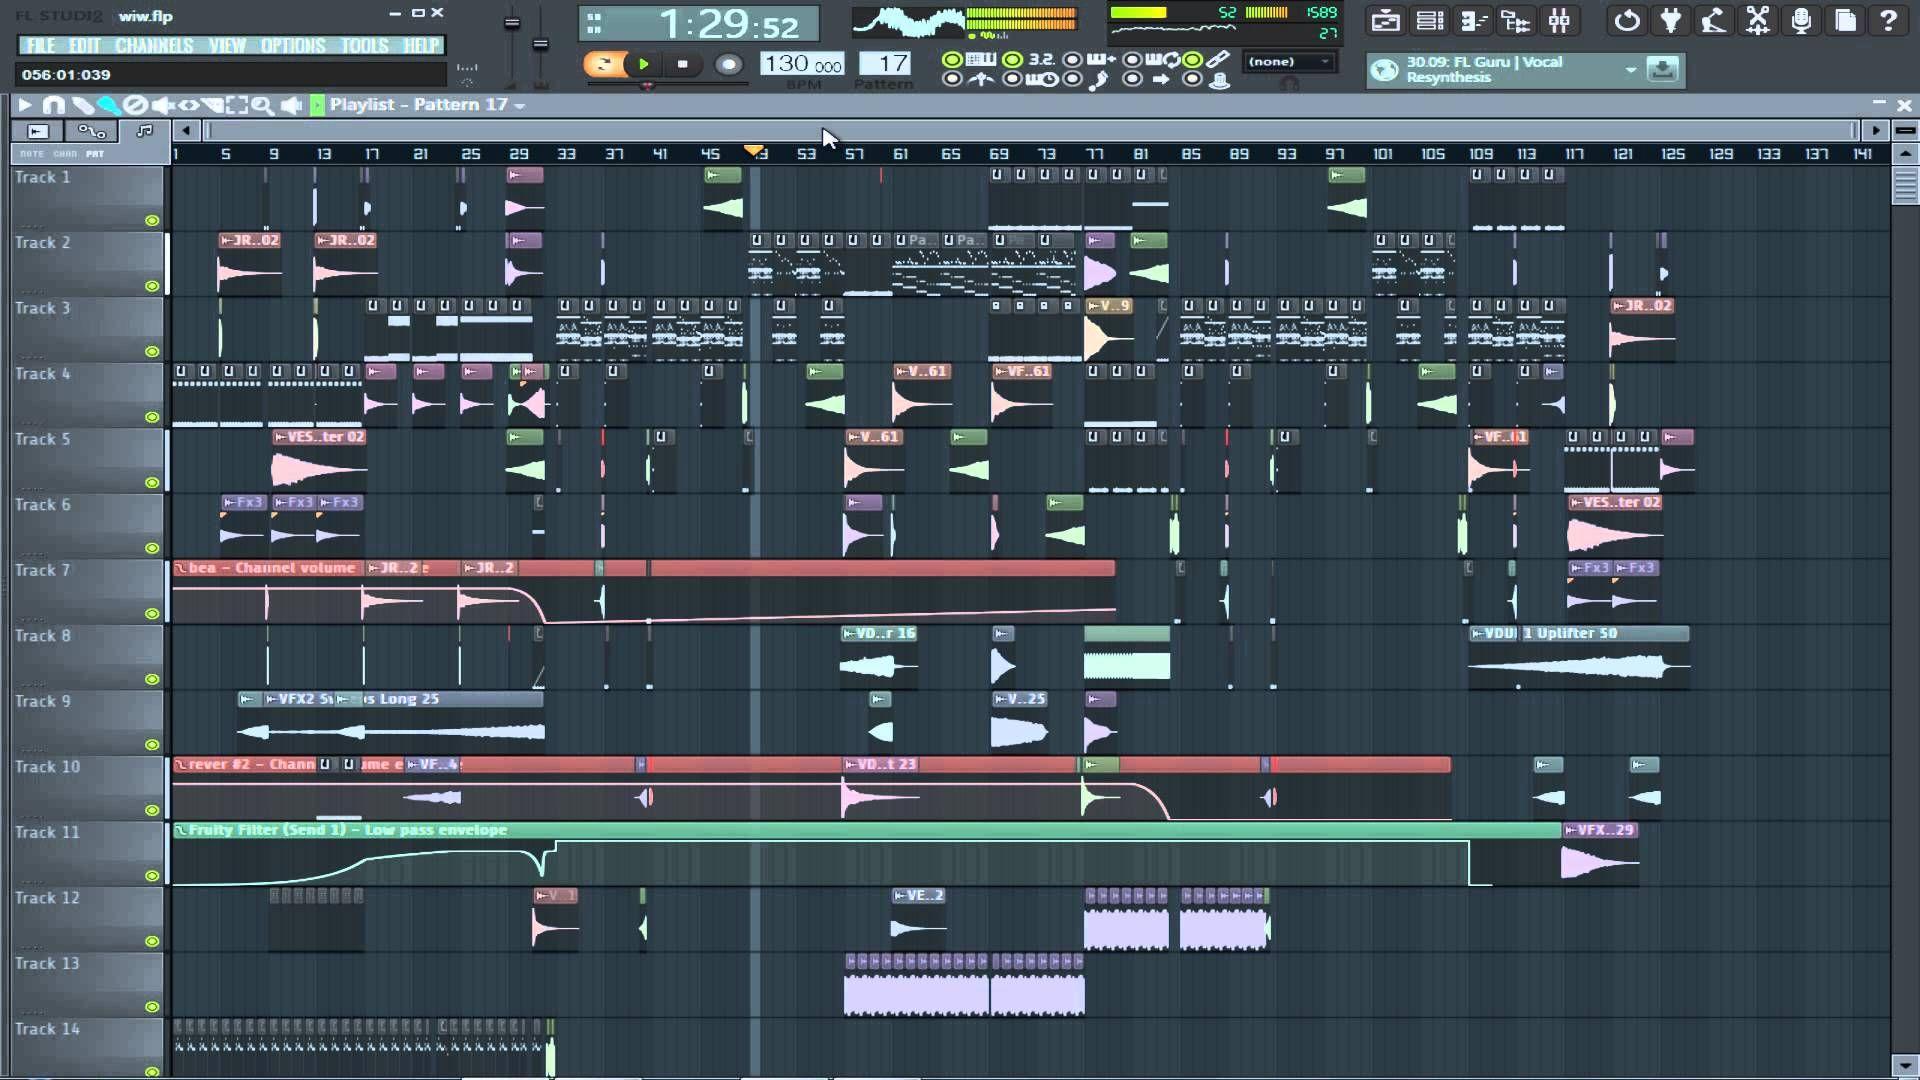 FL Studio PRO Remake | EDM, HOUSE STYLE FULL SONG | Free FLP+PRESETS